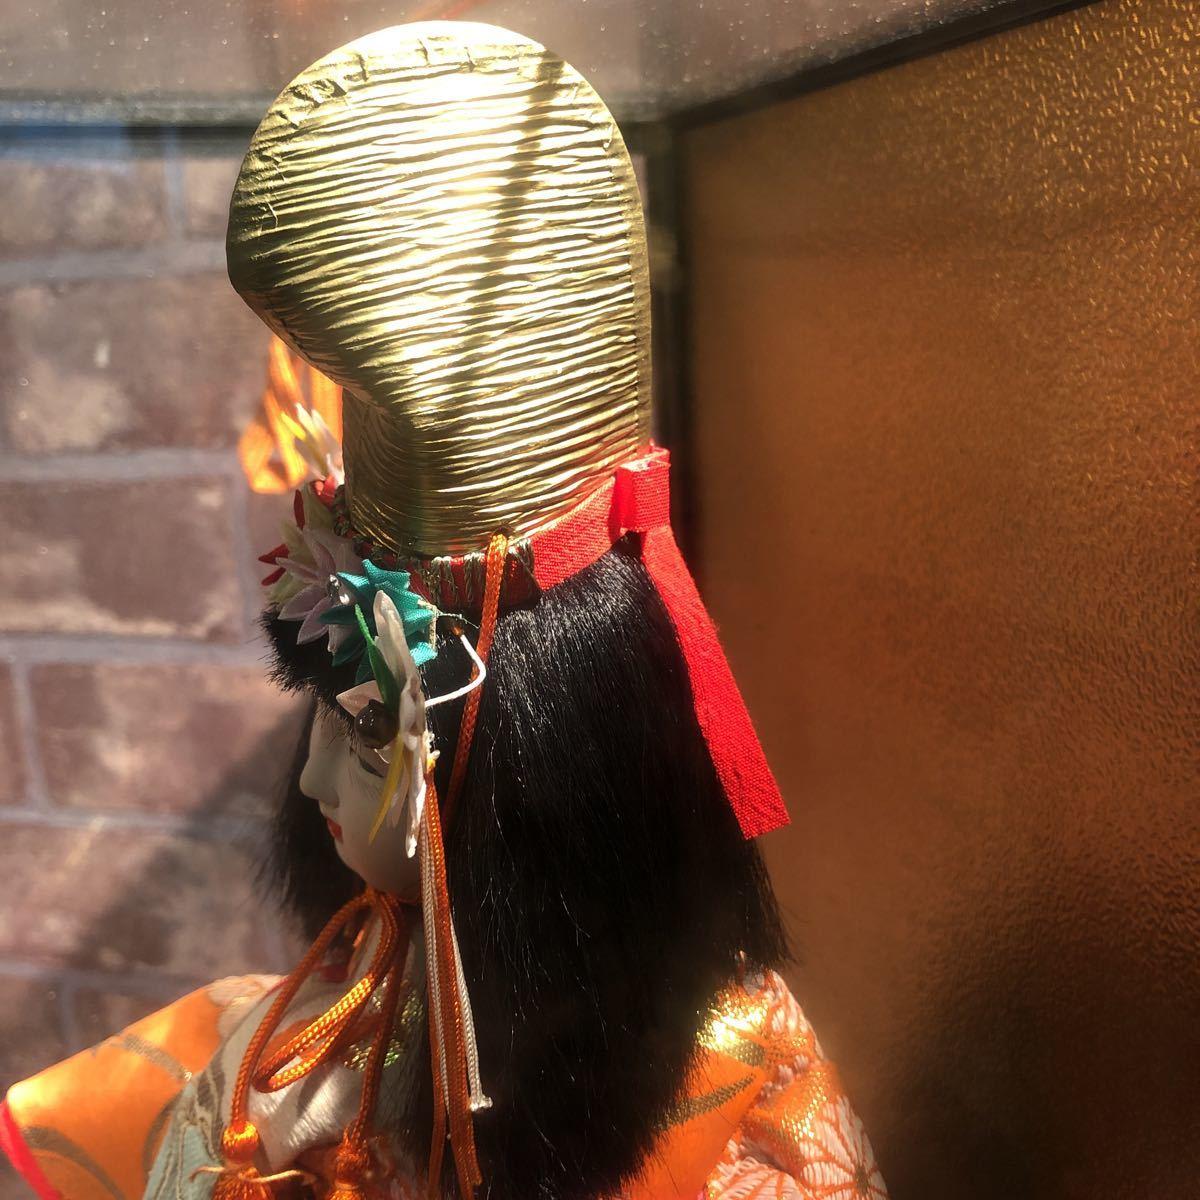 3283 浅妻 古い レトロ 日本人形 ガラスケースつき 昭和レトロ アンティーク 幅29cm高さ43cm奥行き24cm_画像7